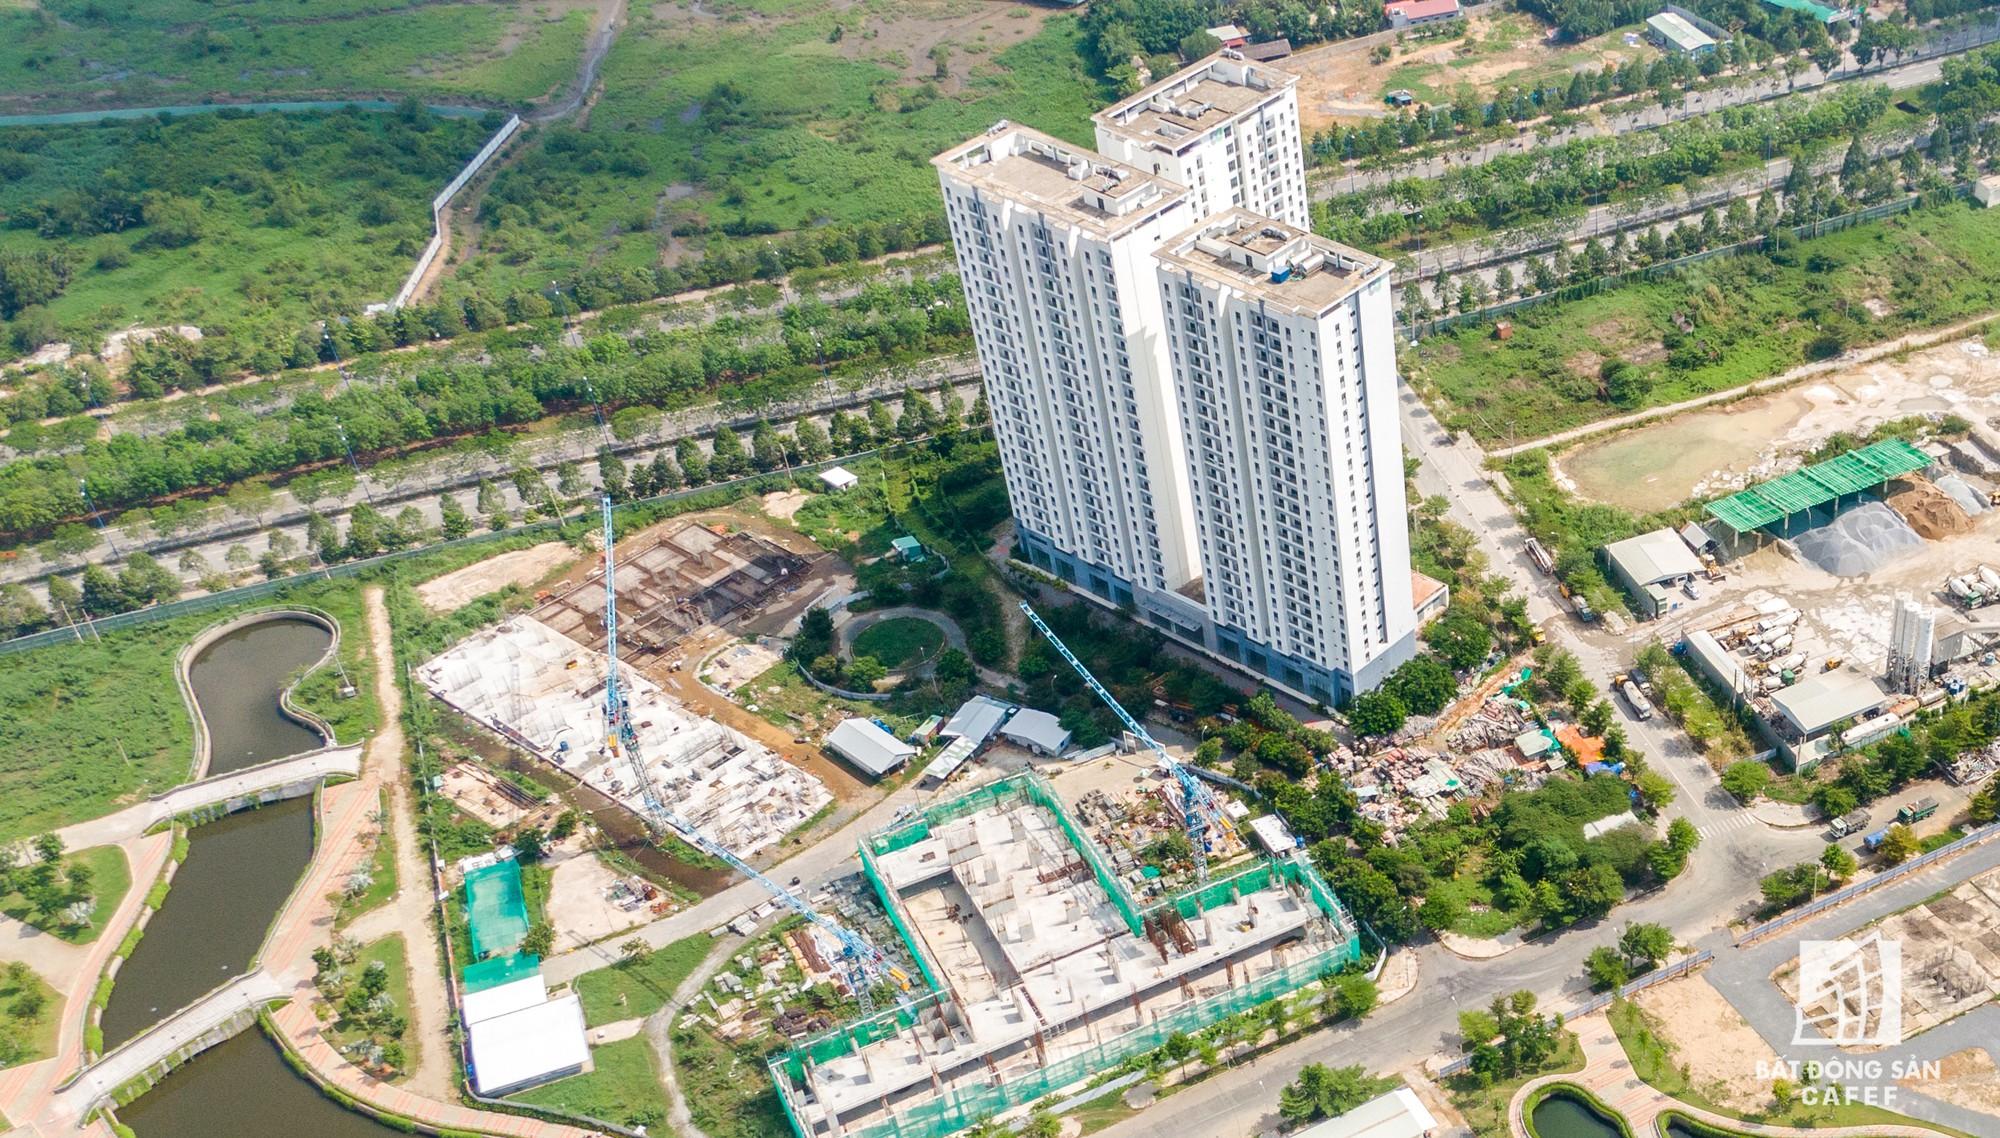 Toàn cảnh tiến độ các dự án của Novaland năm 2019 tại TP.HCM, Vũng Tàu, Phan Thiết và Cam Ranh - Ảnh 10.